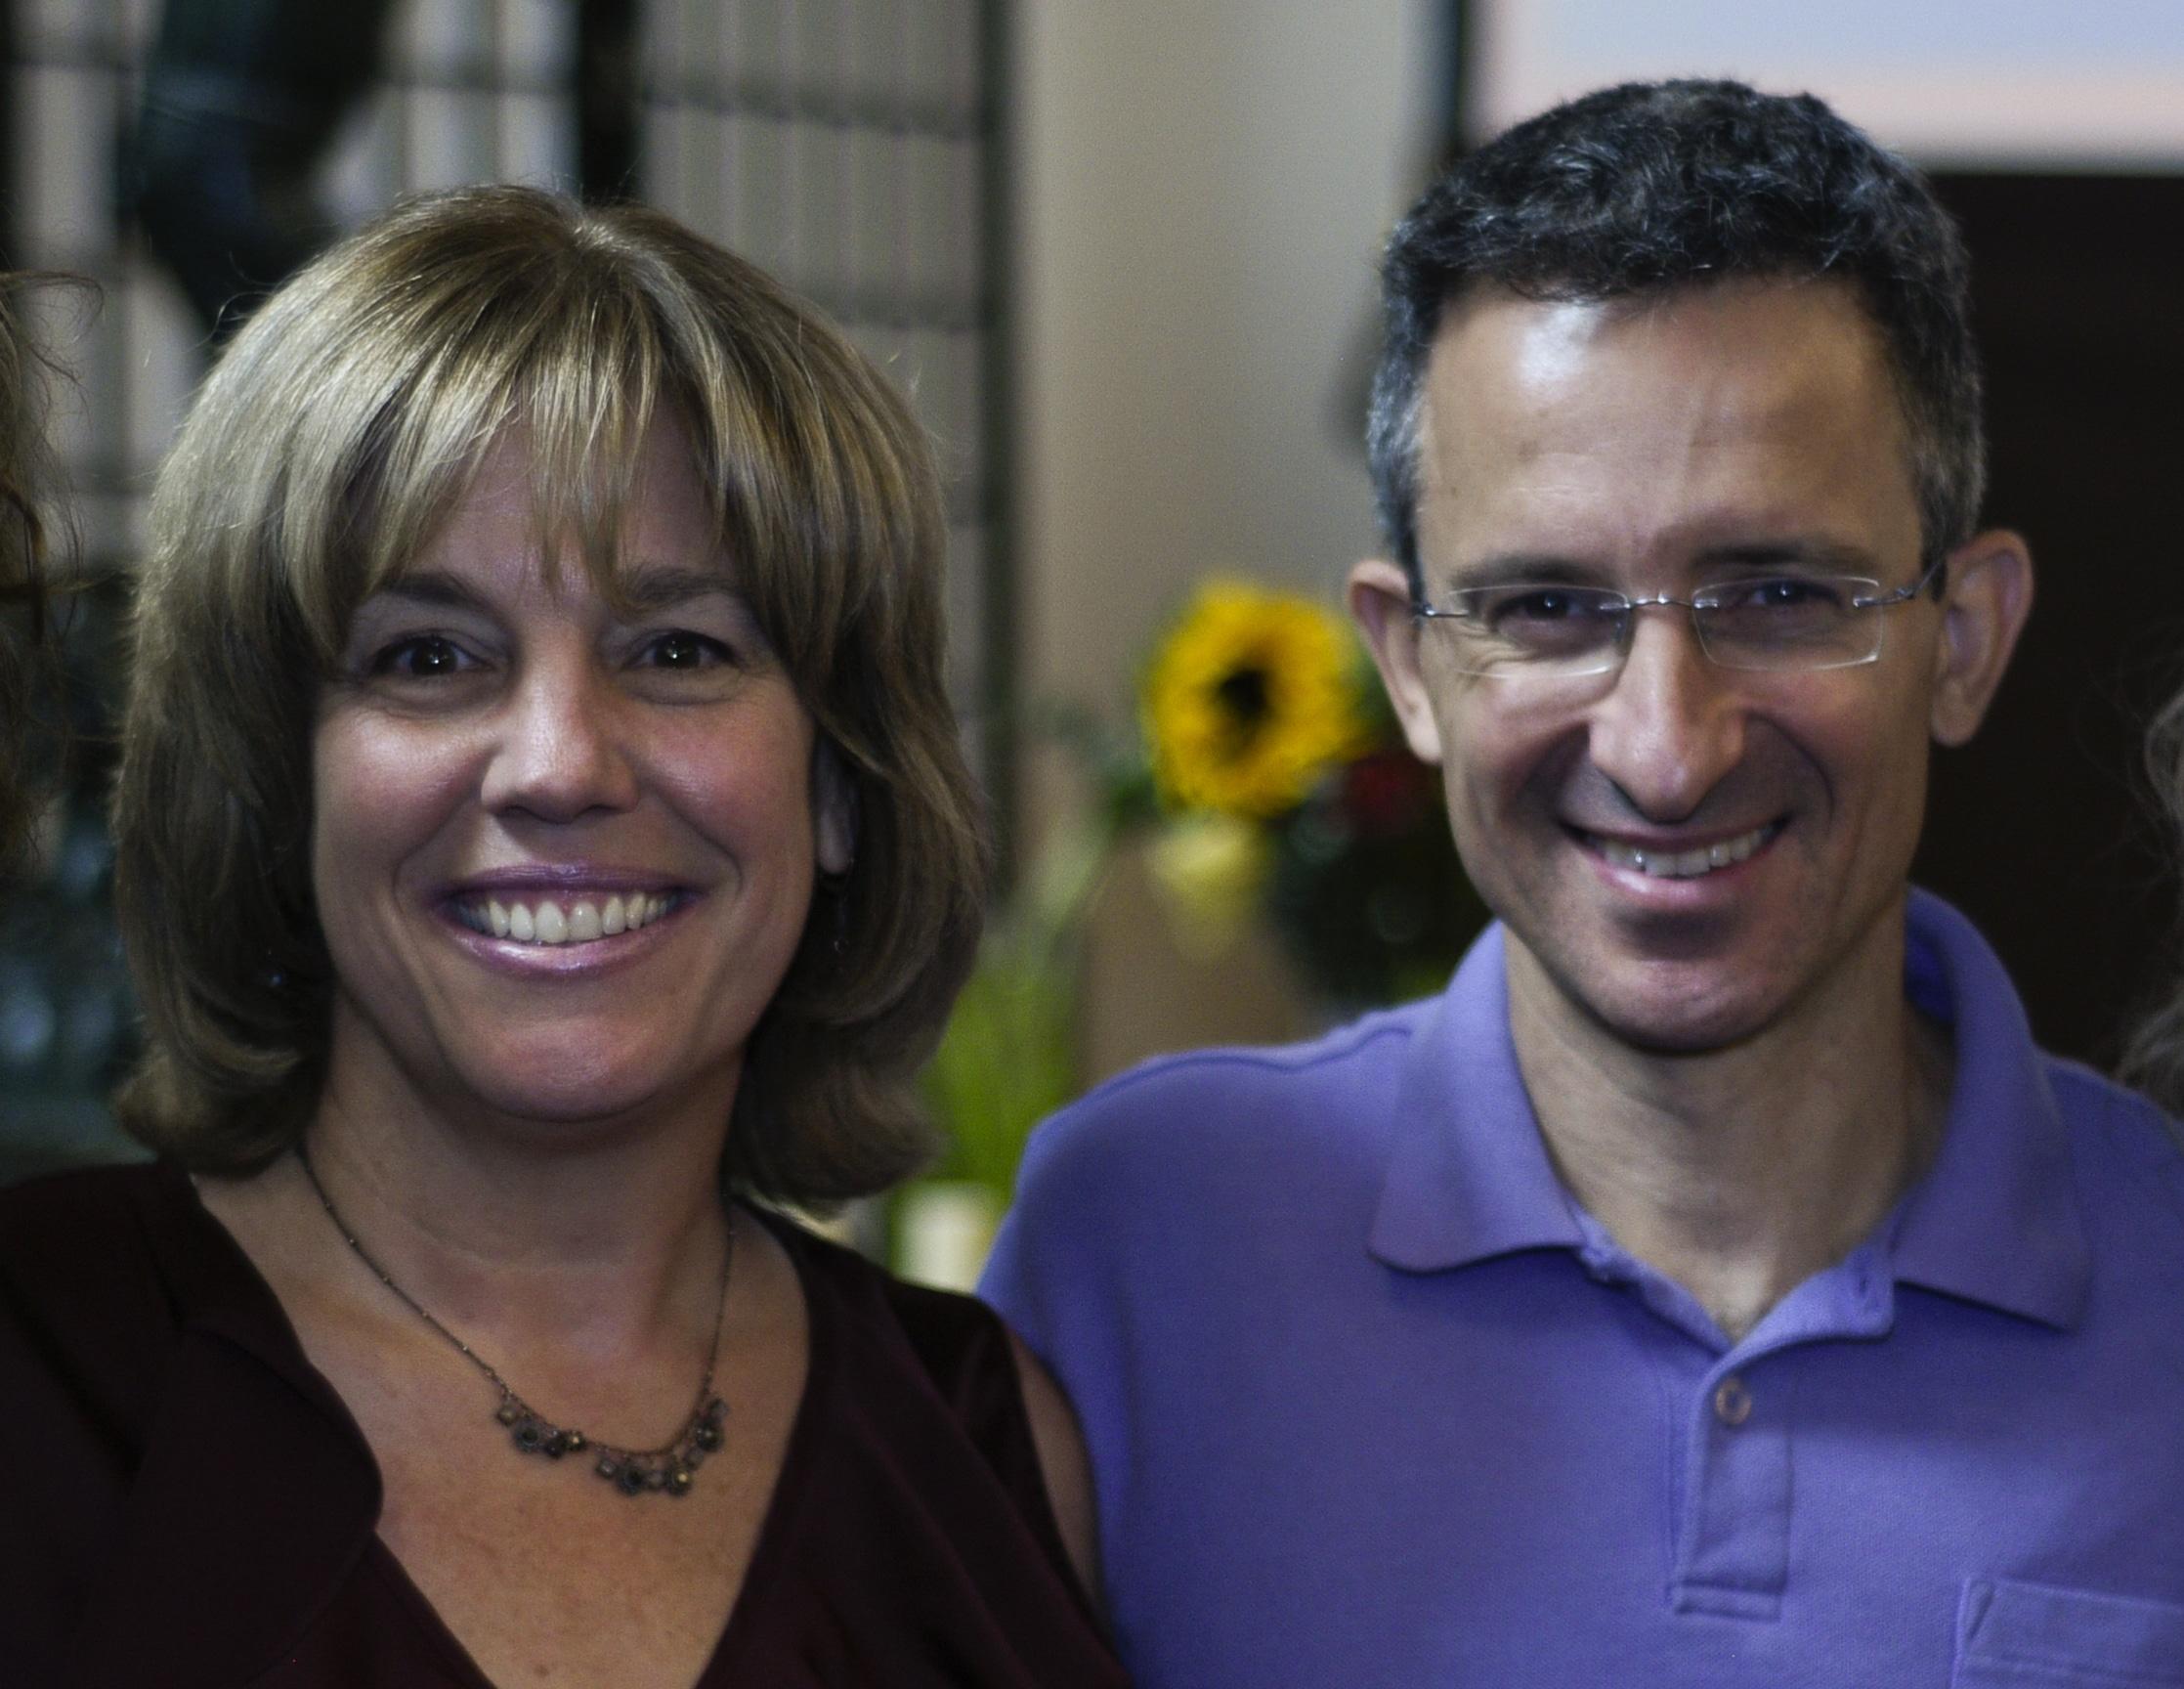 Tal Ben-Shahar e Megan McDonough, fundadores do Wholebeing Institute e idealizadores do modelo SPIRE de felicidade e bem-estar